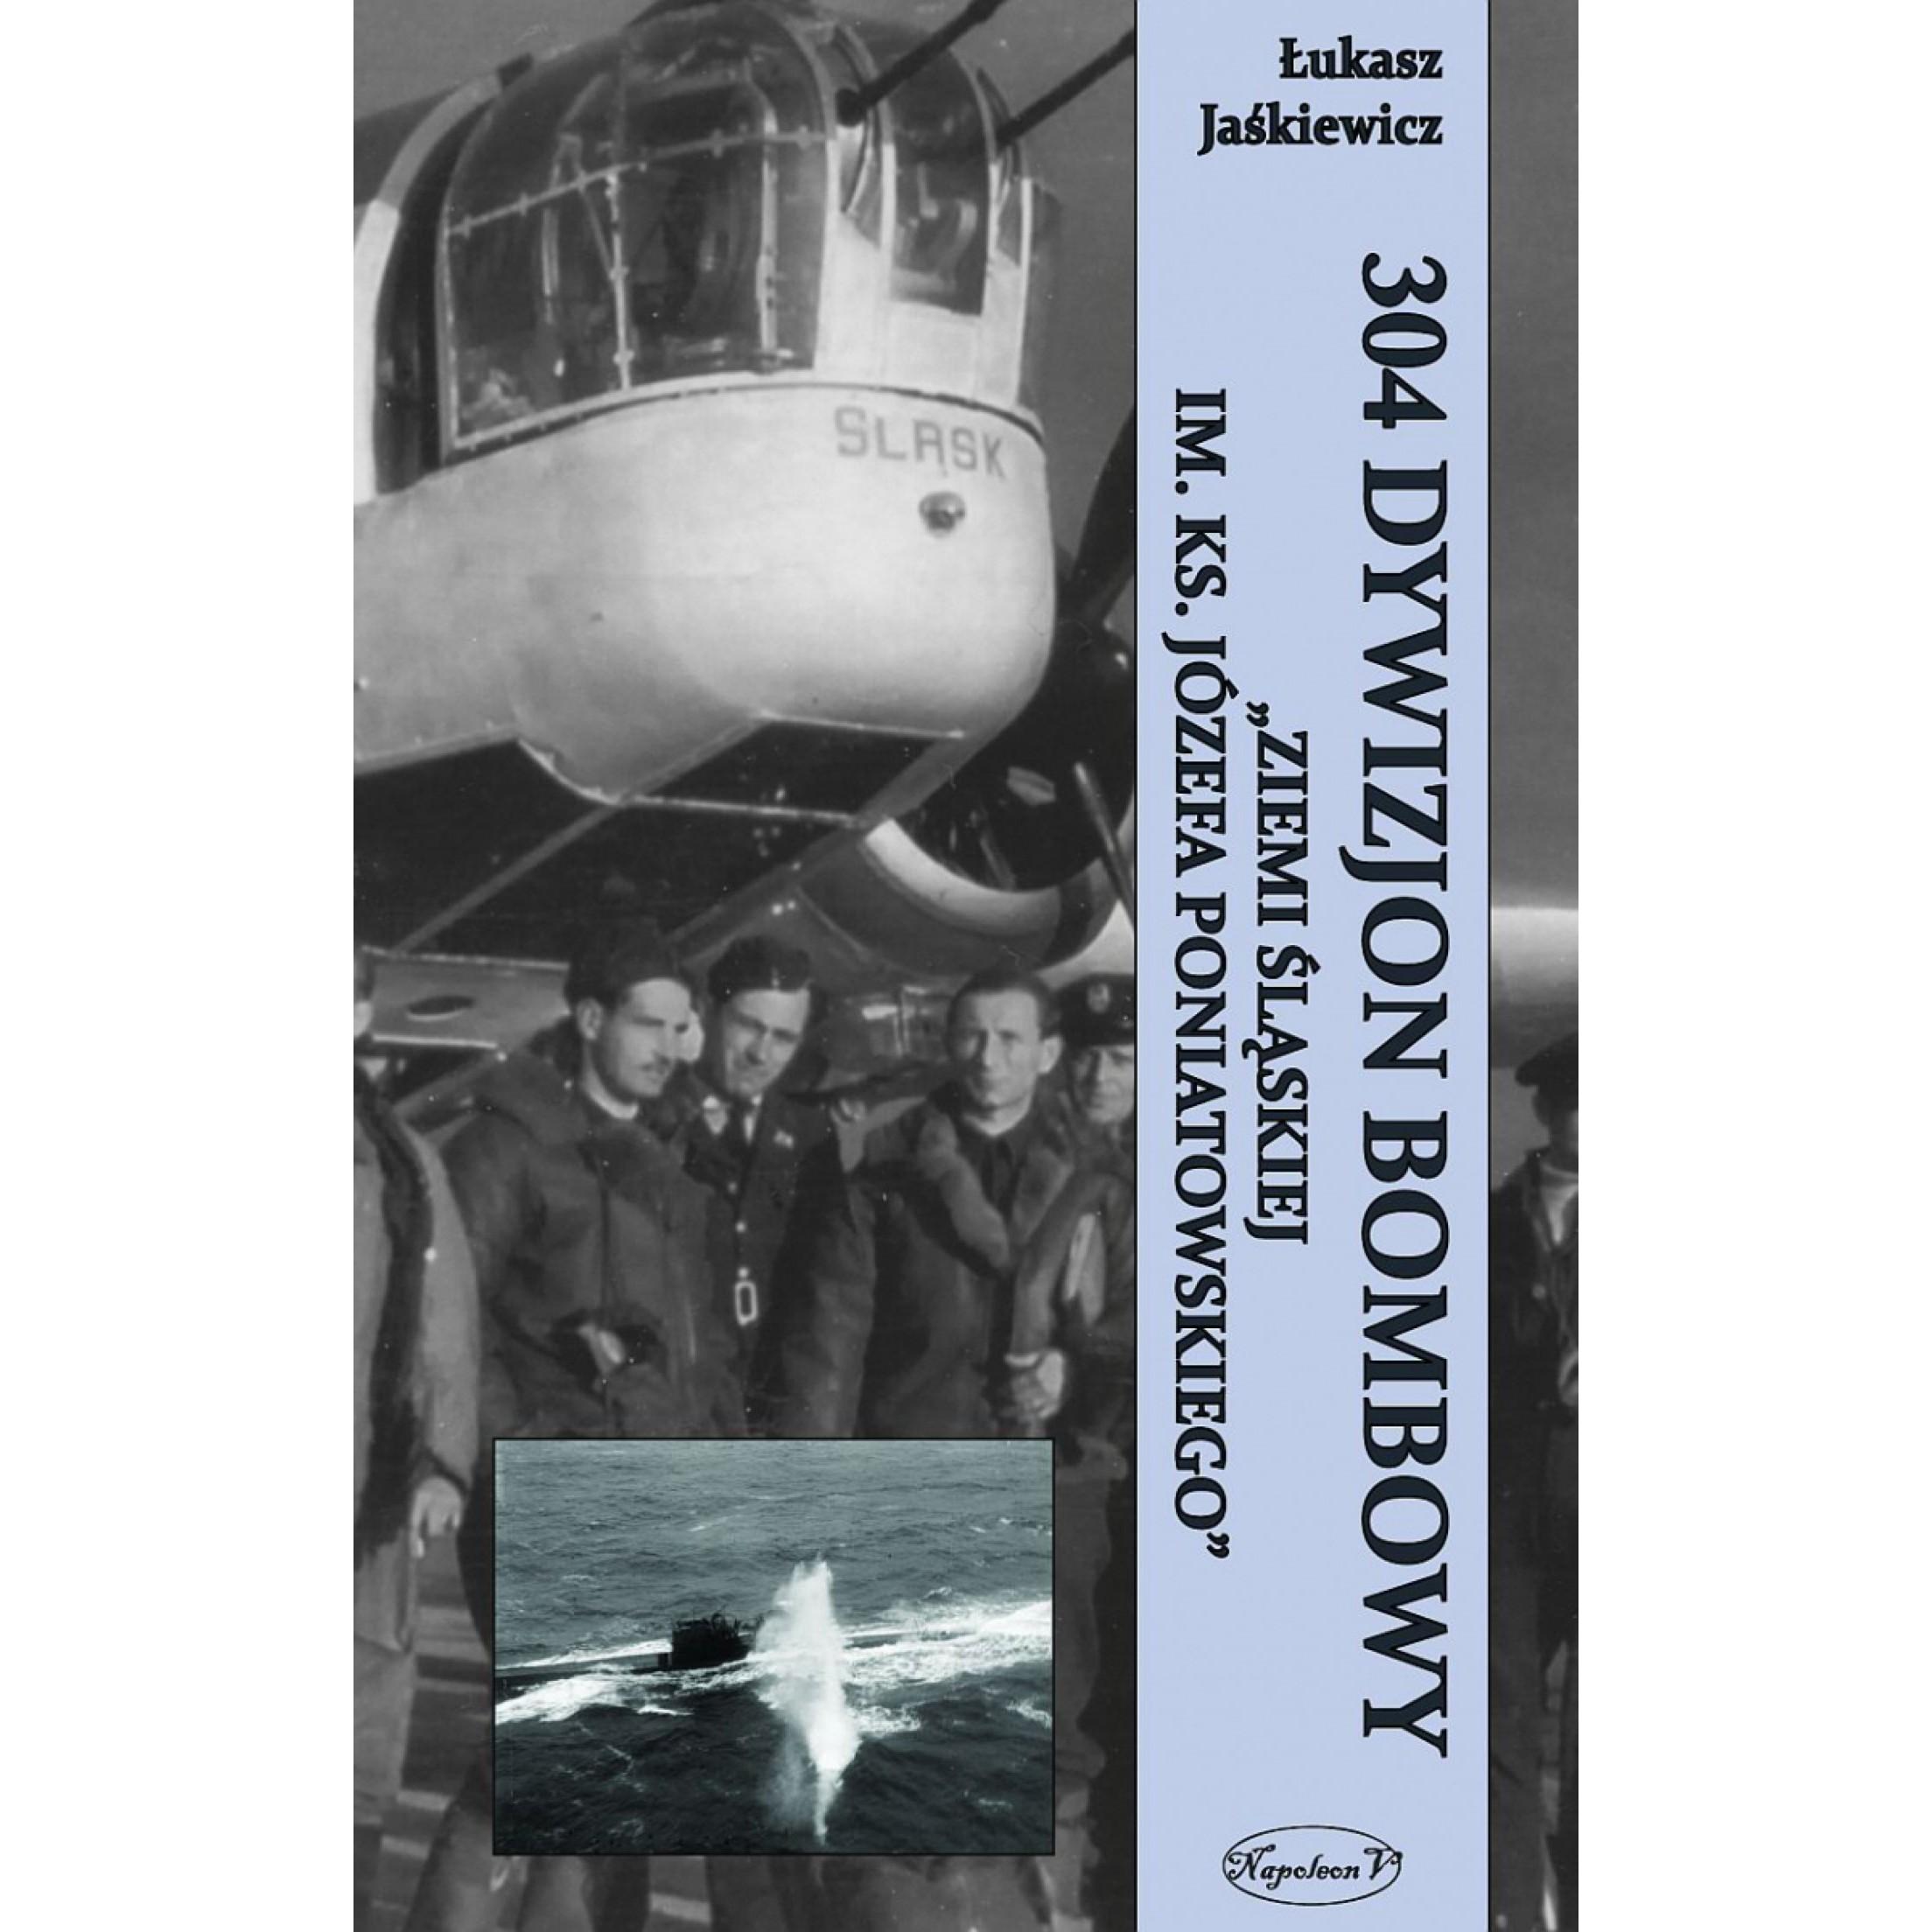 """304 Dywizjon Bombowy """"Ziemi Śląskiej im. Ks. Józefa Poniatowskiego"""" miękka"""